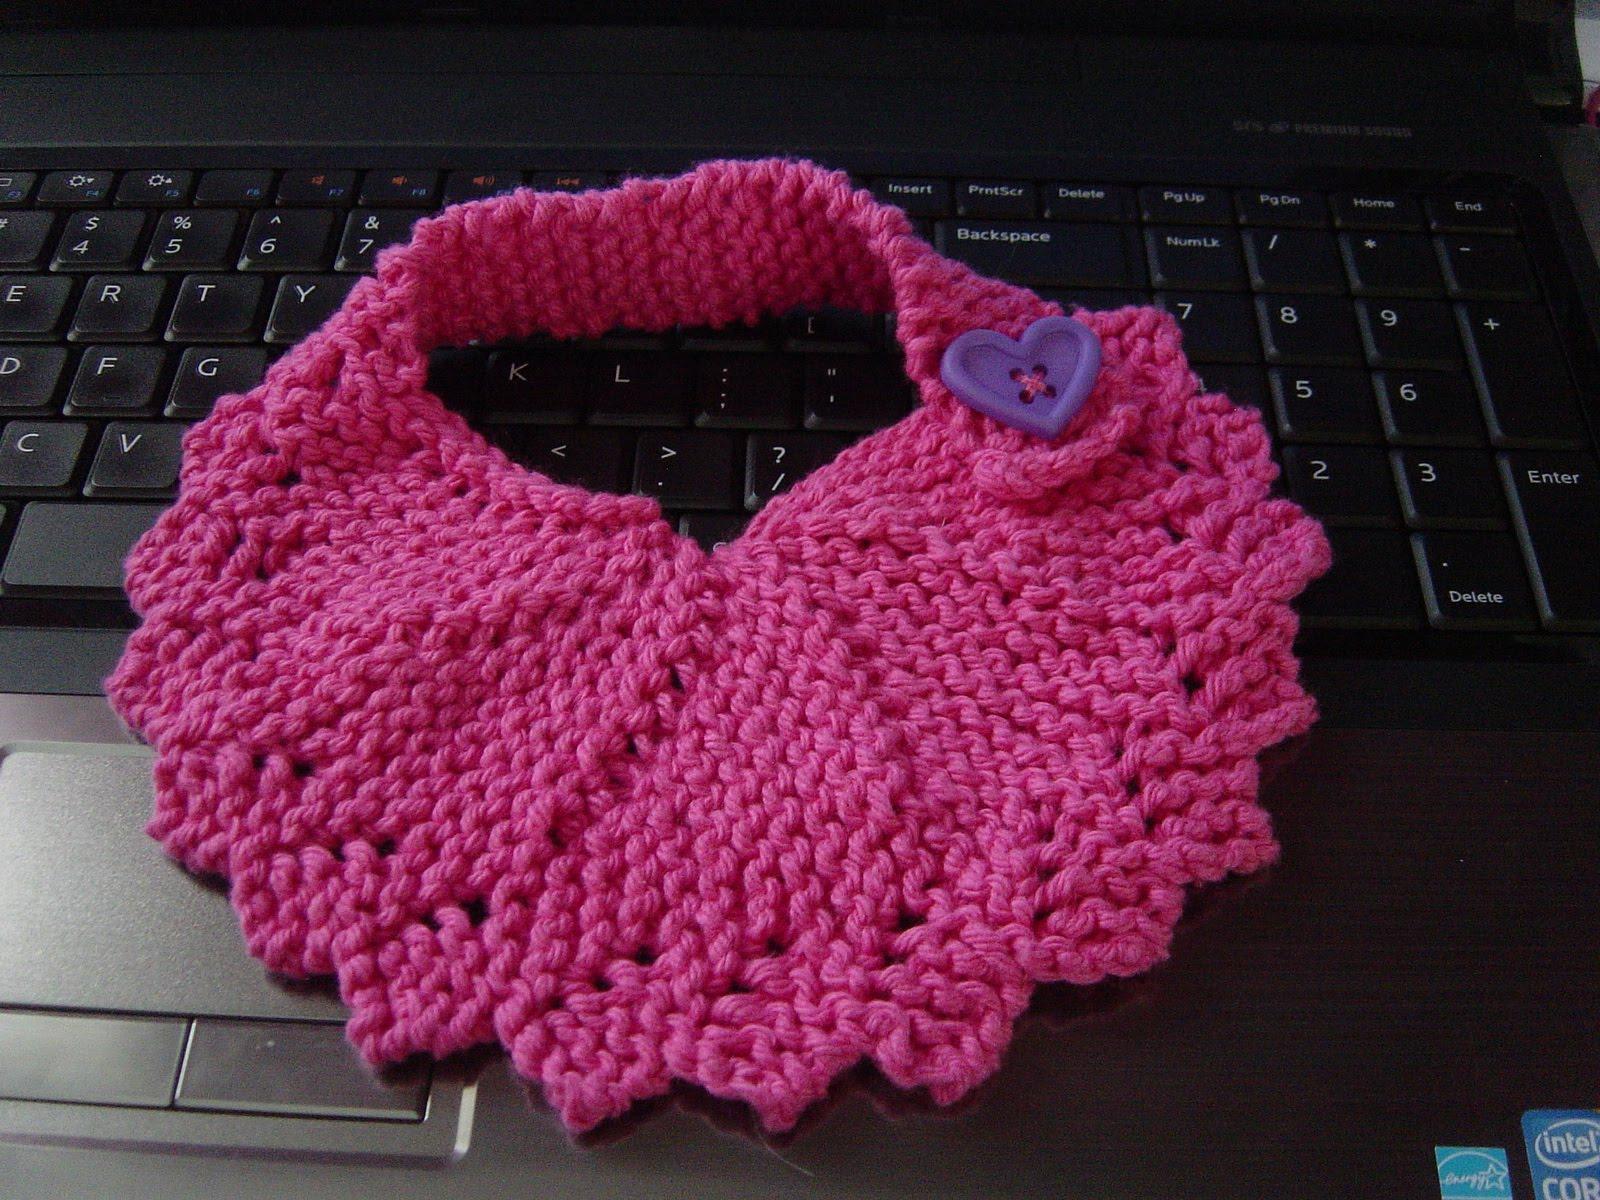 Knitting Pattern For Toddler Overalls : Cheryls Knitting: dishcloth turned bib